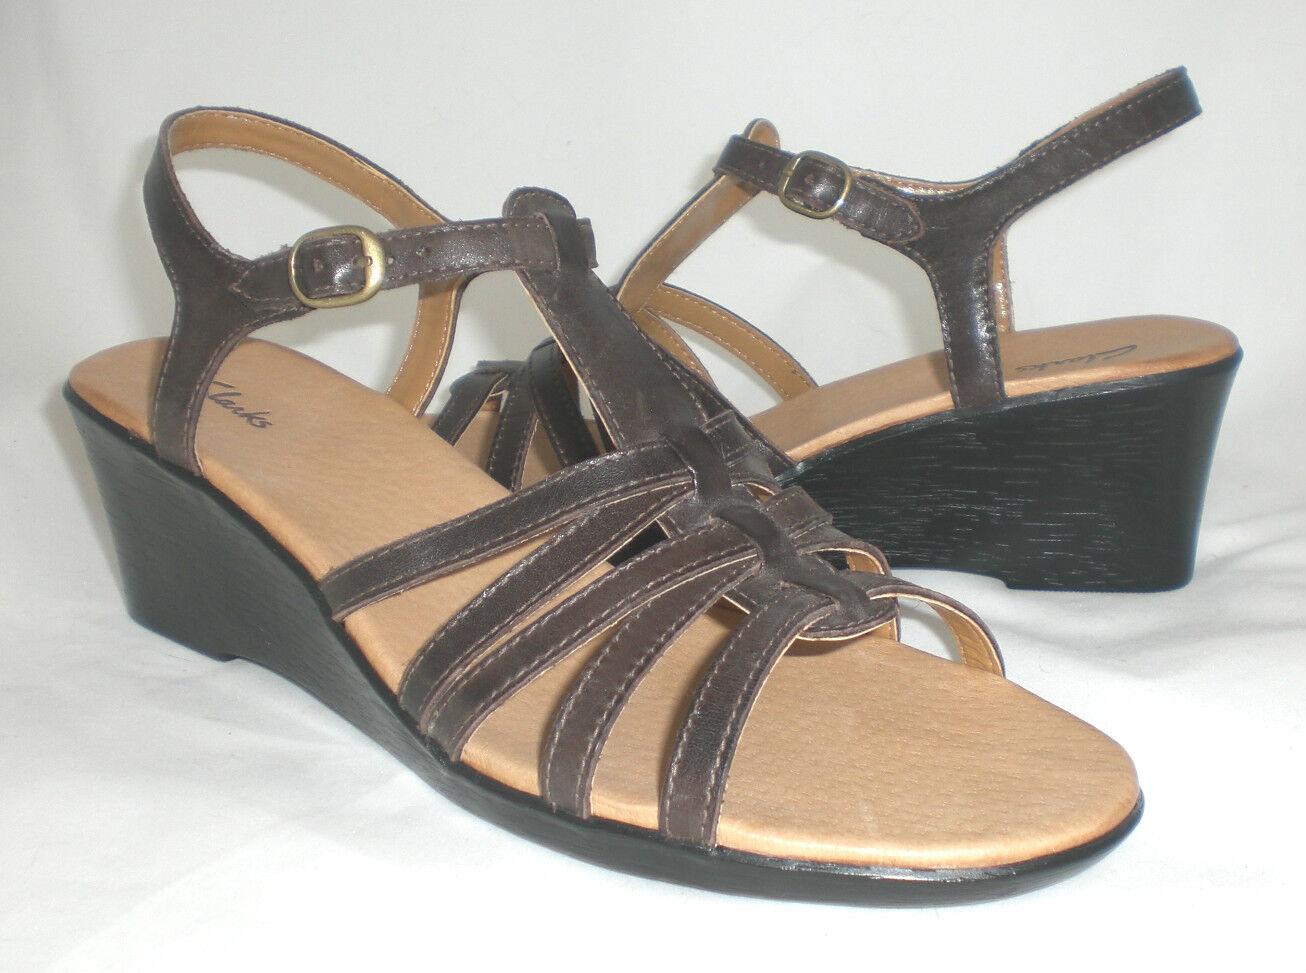 Clarks jillie Con Tiras De Cuña Sandalias De De De Cuero Marrón 9.5 Med Nuevo  ofrecemos varias marcas famosas